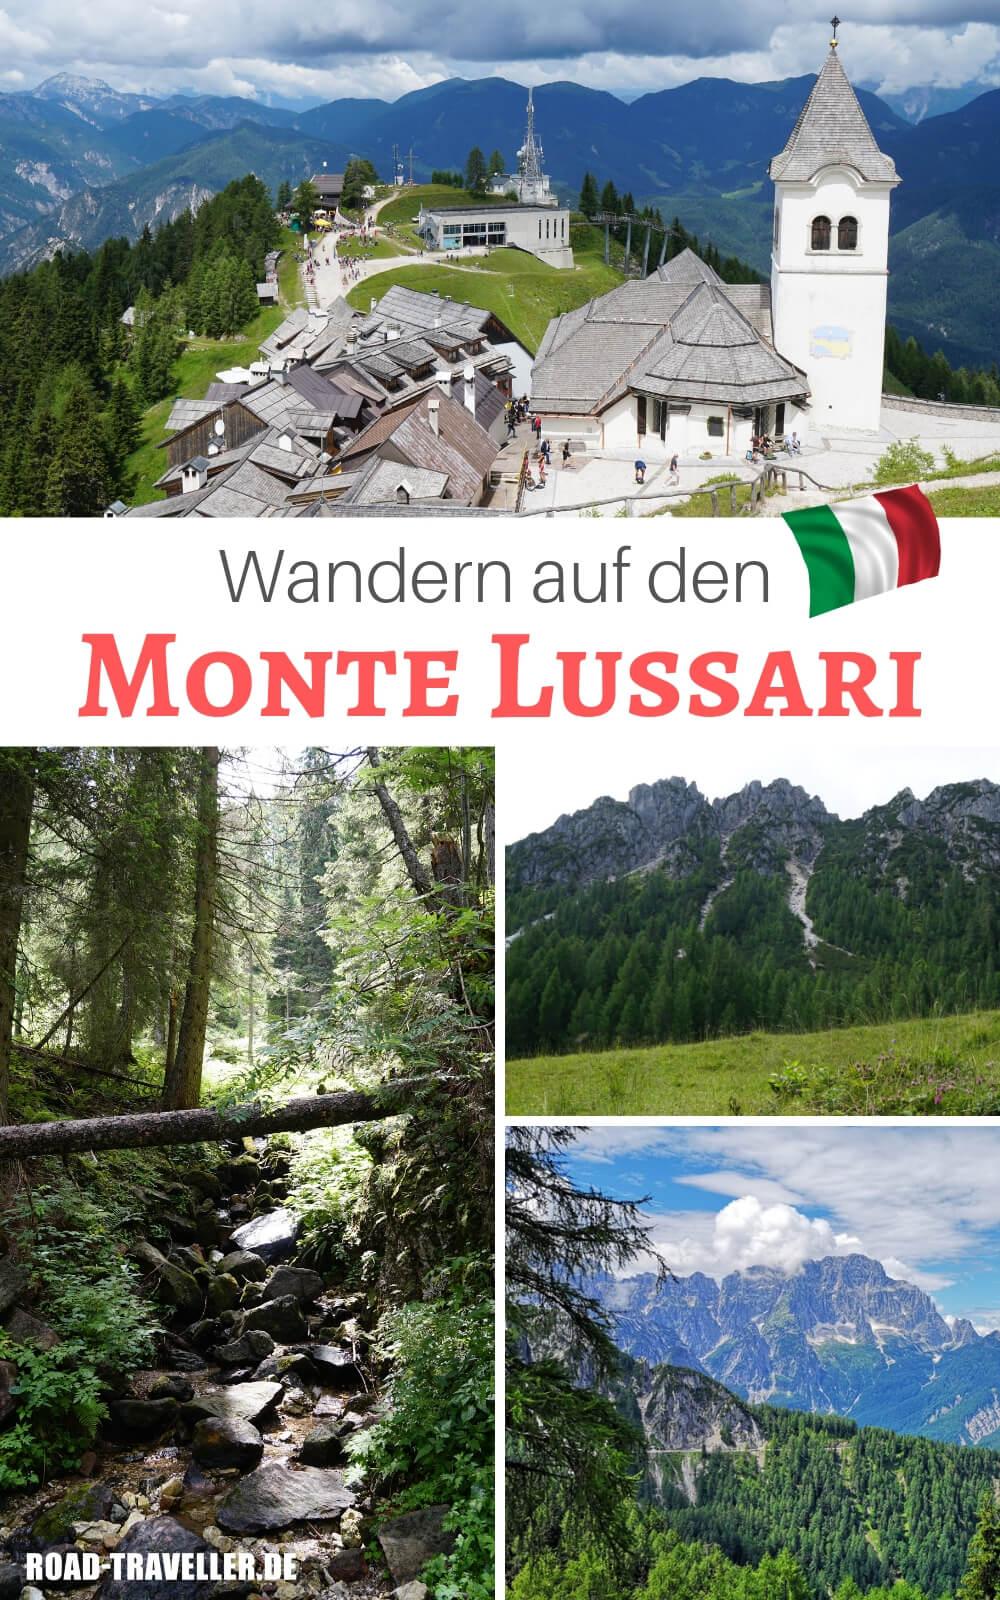 Wanderung auf den Monte Lussari im Dreilaendereck Italien, Oesterreich und Slowenien